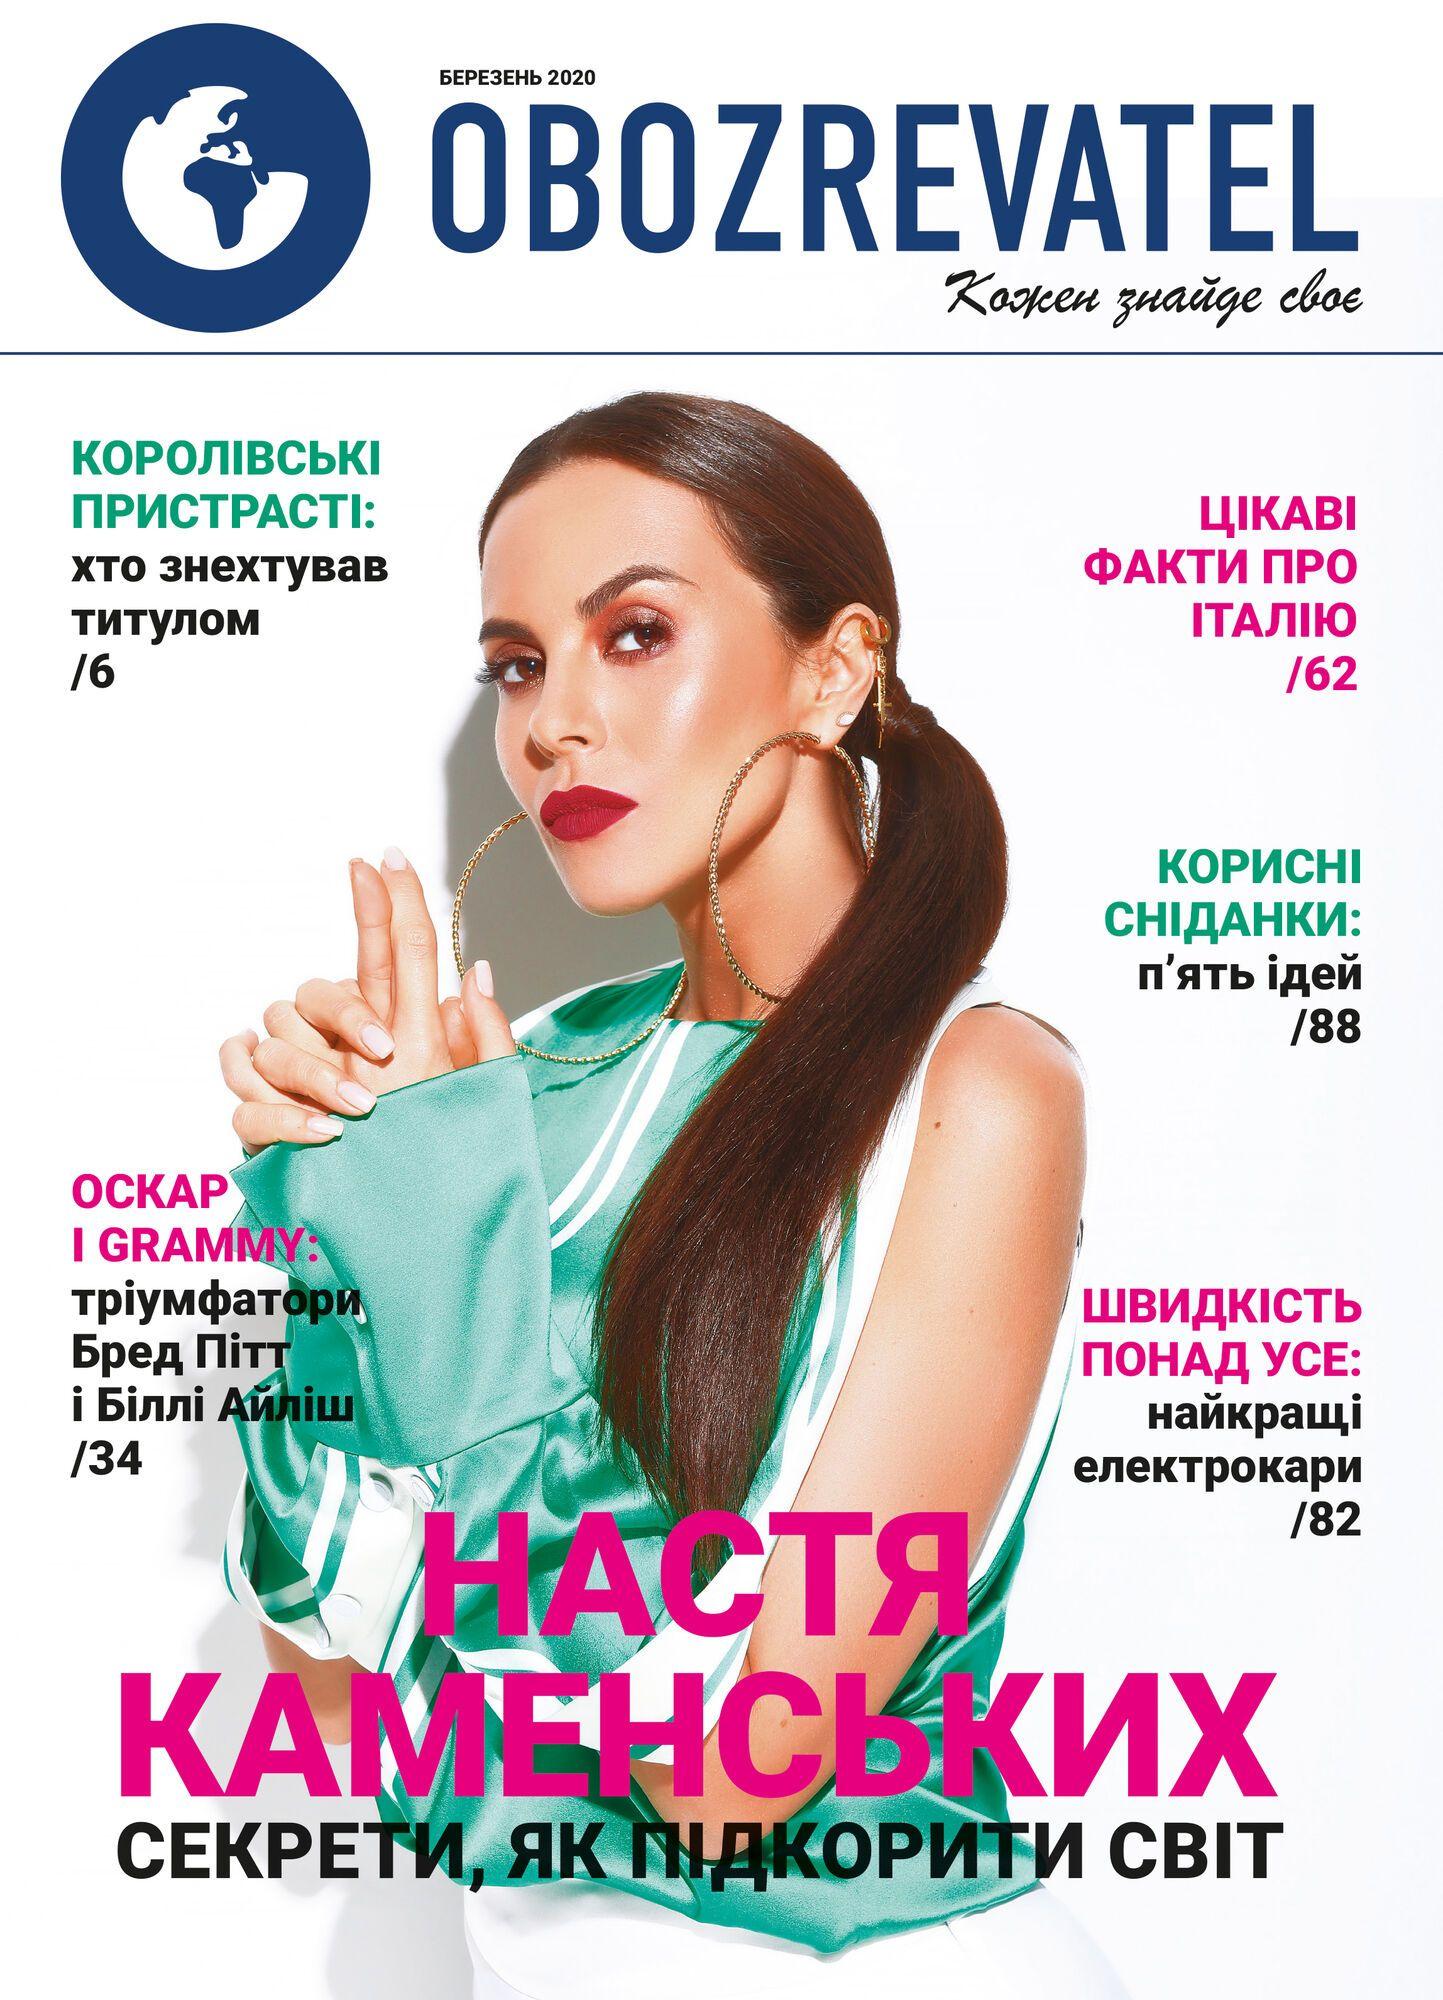 Новий номер журналу OBOZREVATEL: Настя Каменських, Бред Пітт і королівські пристрасті